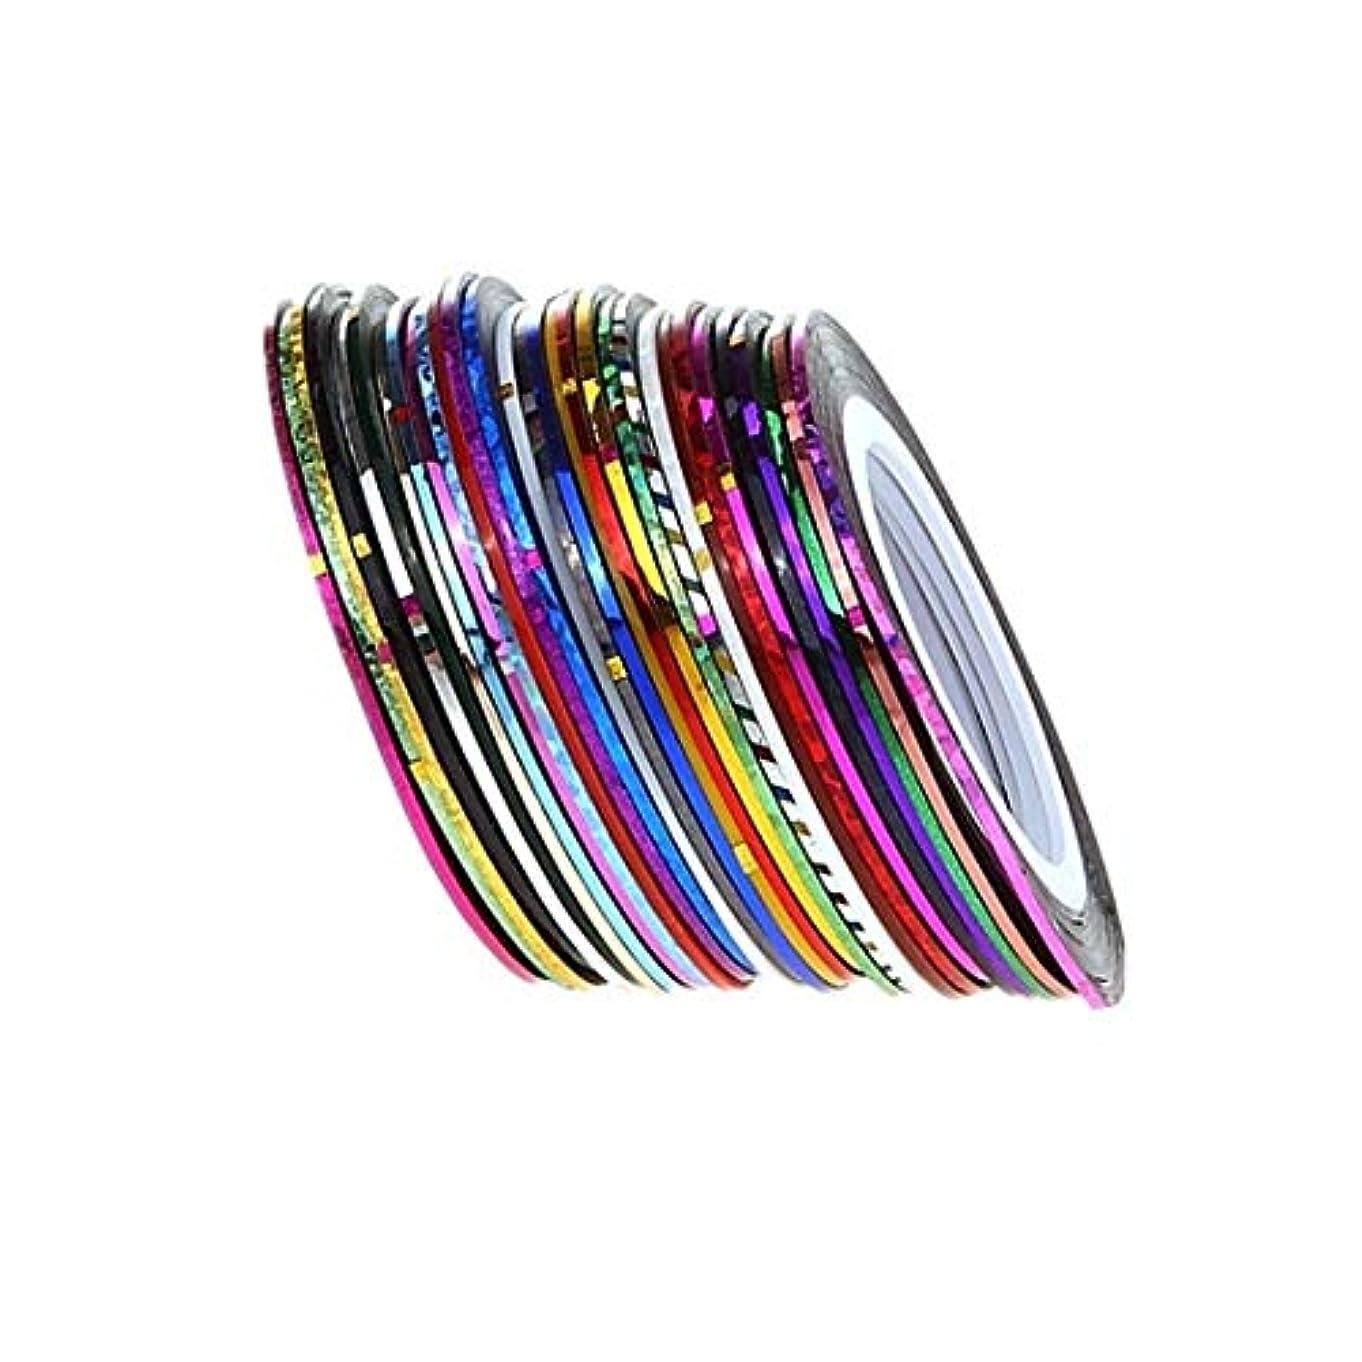 曲線過剰洗剤OWNFSKNL 1セットDIY 30色ネイルUVジェルポリッシュゴールドシルバーレーザーロールストライピングテープラインネイルアートのヒントデコレーションステッカーギフト1mm